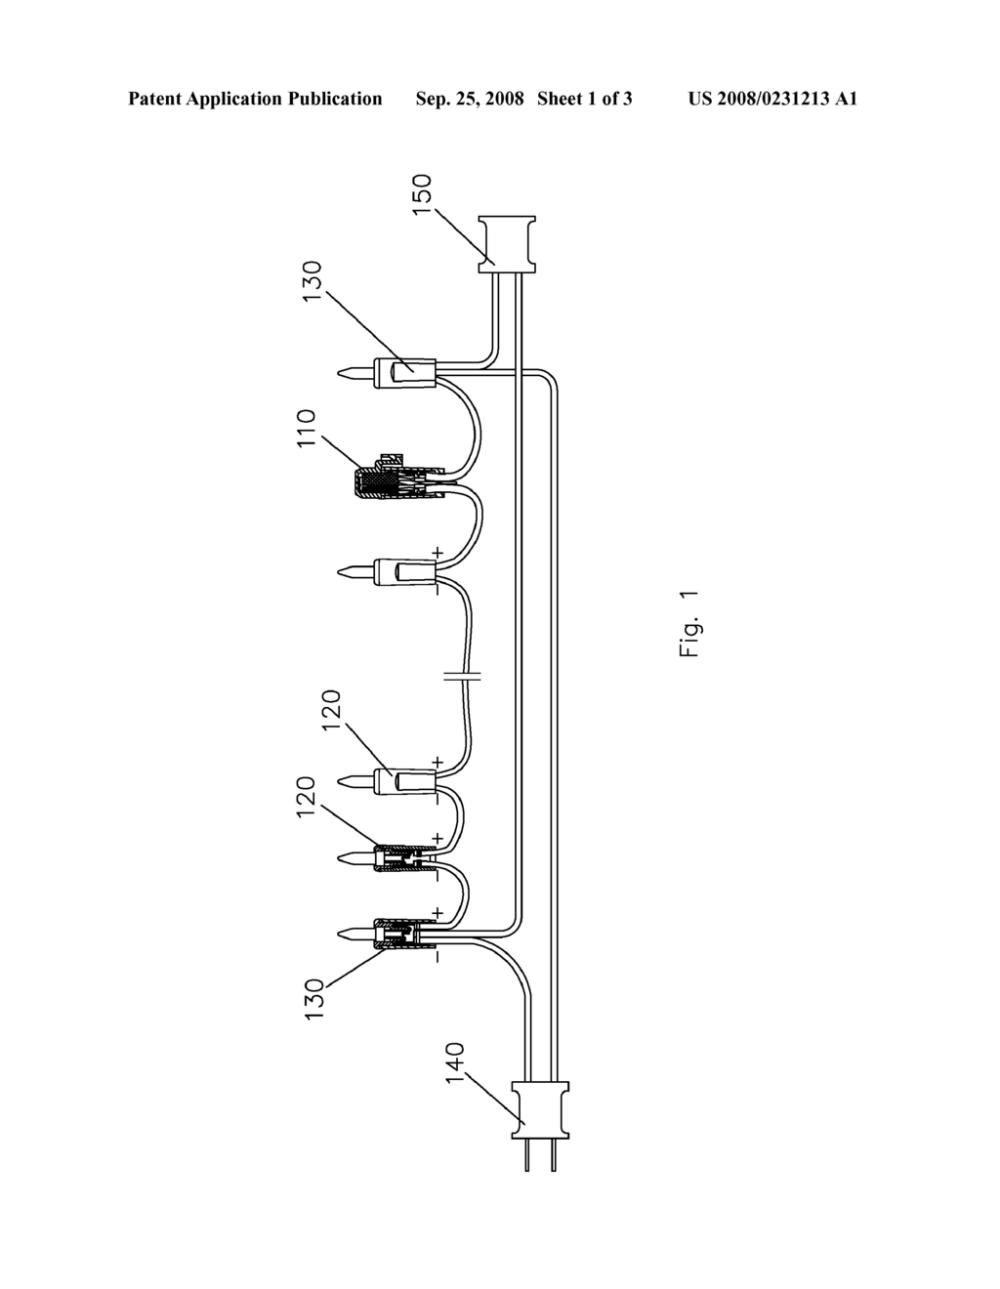 medium resolution of led string light part diagram